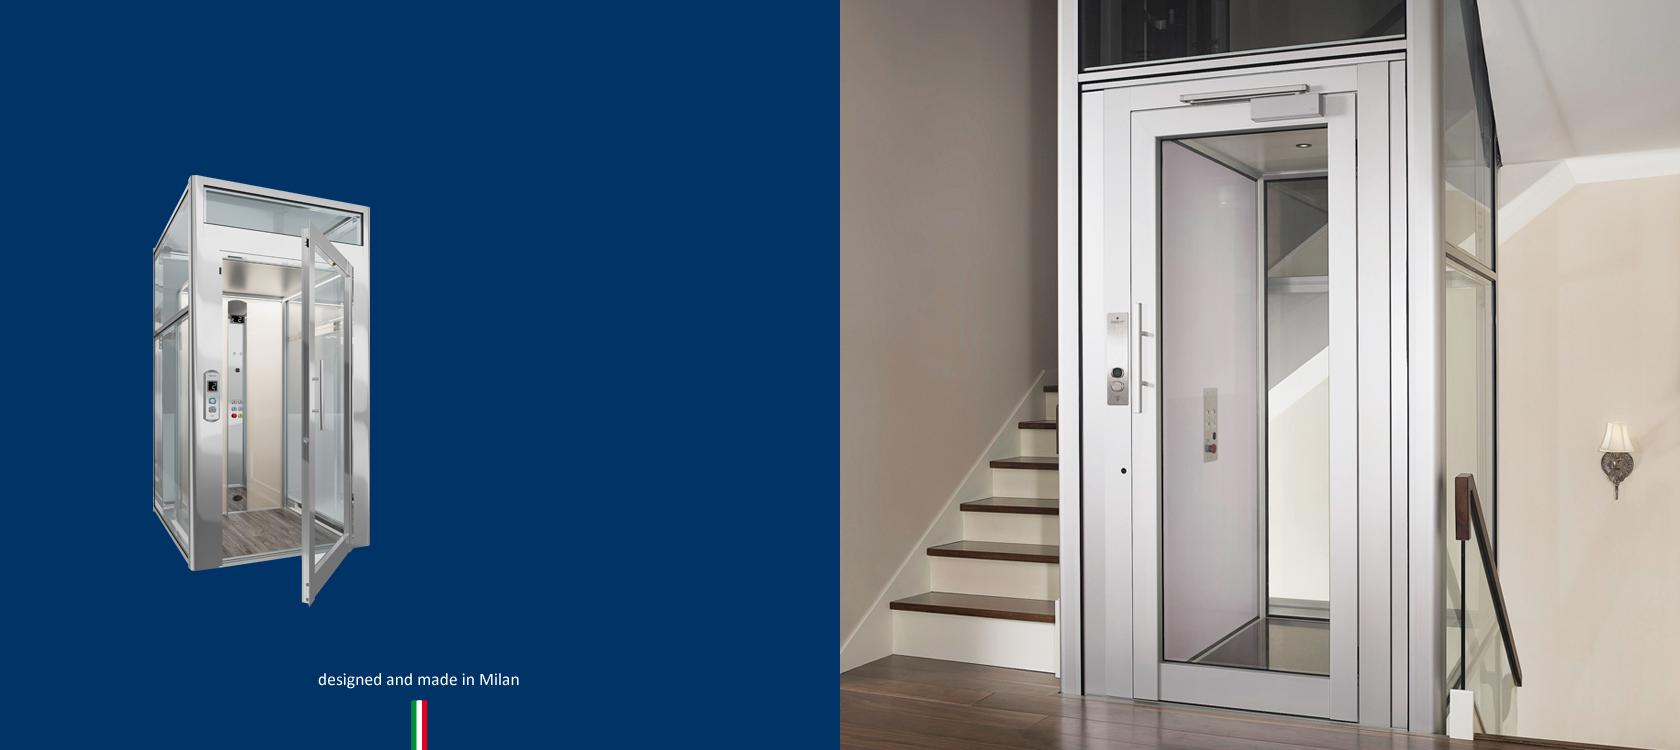 Quanto costa un ascensore esterno trendy progetto di un for Quanto costa un ascensore esterno